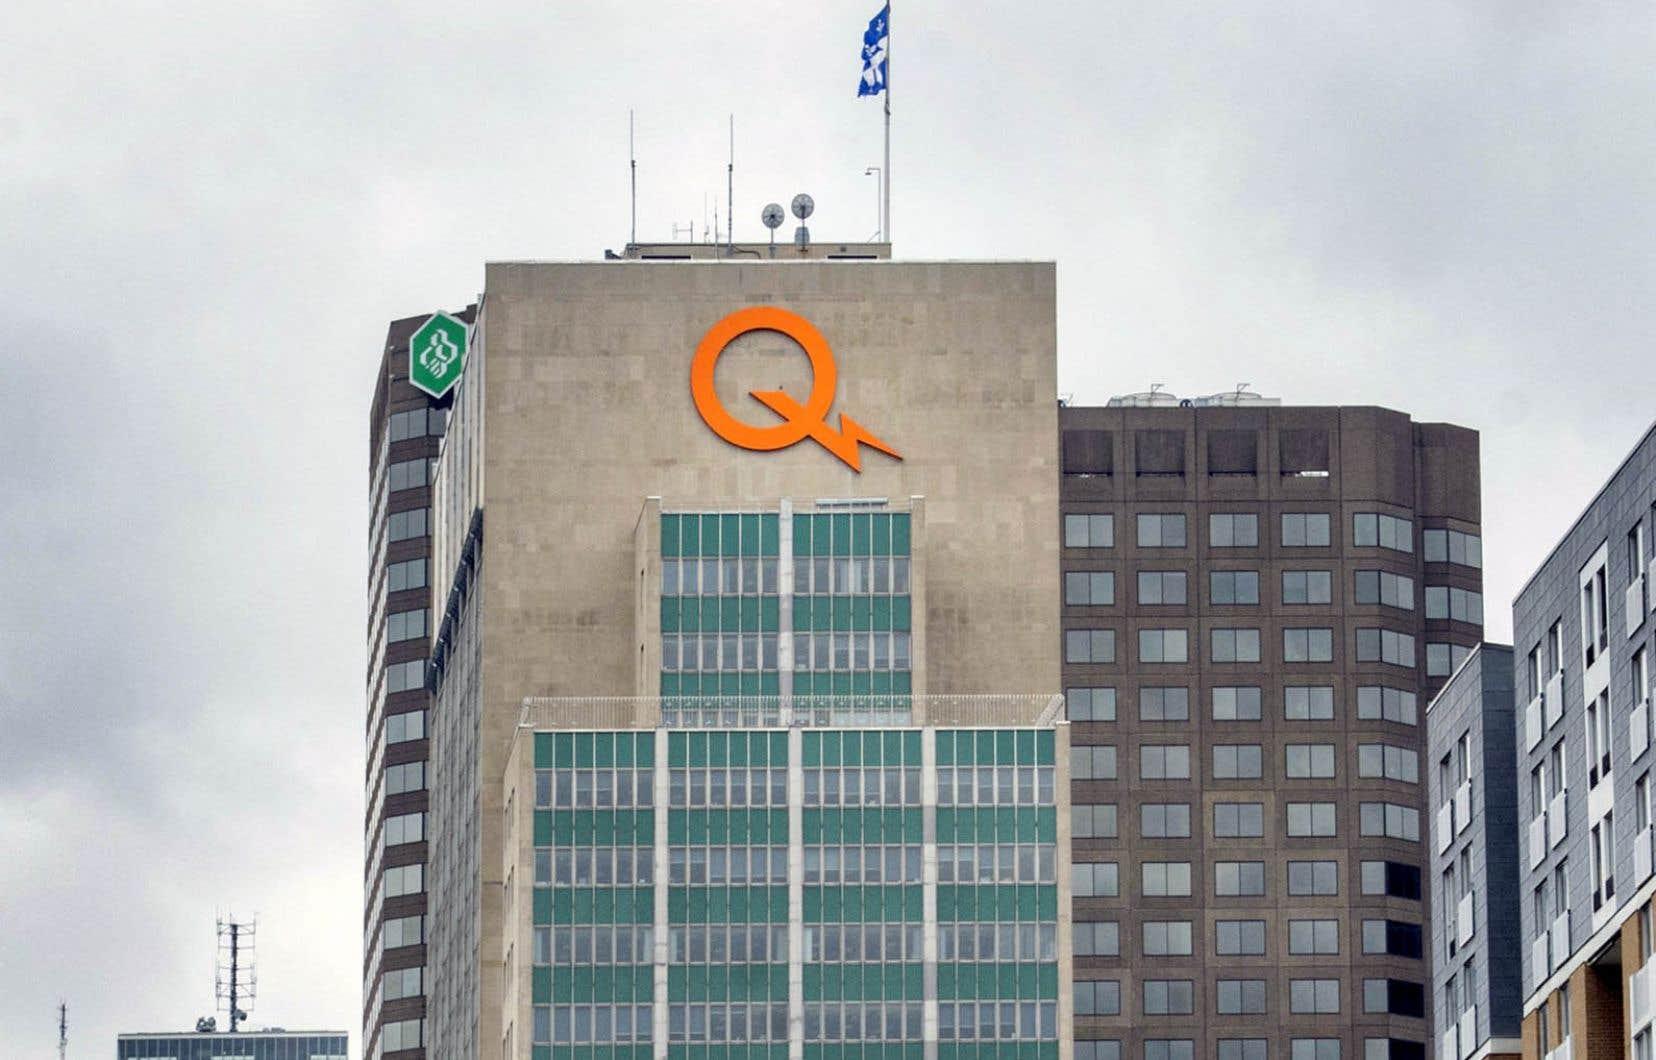 Hydro-Québec a vu son bénéfice net dégringoler d'environ 34%, notamment en raison de la faiblesse des prix obtenus à l'exportation vers les États-Unis.